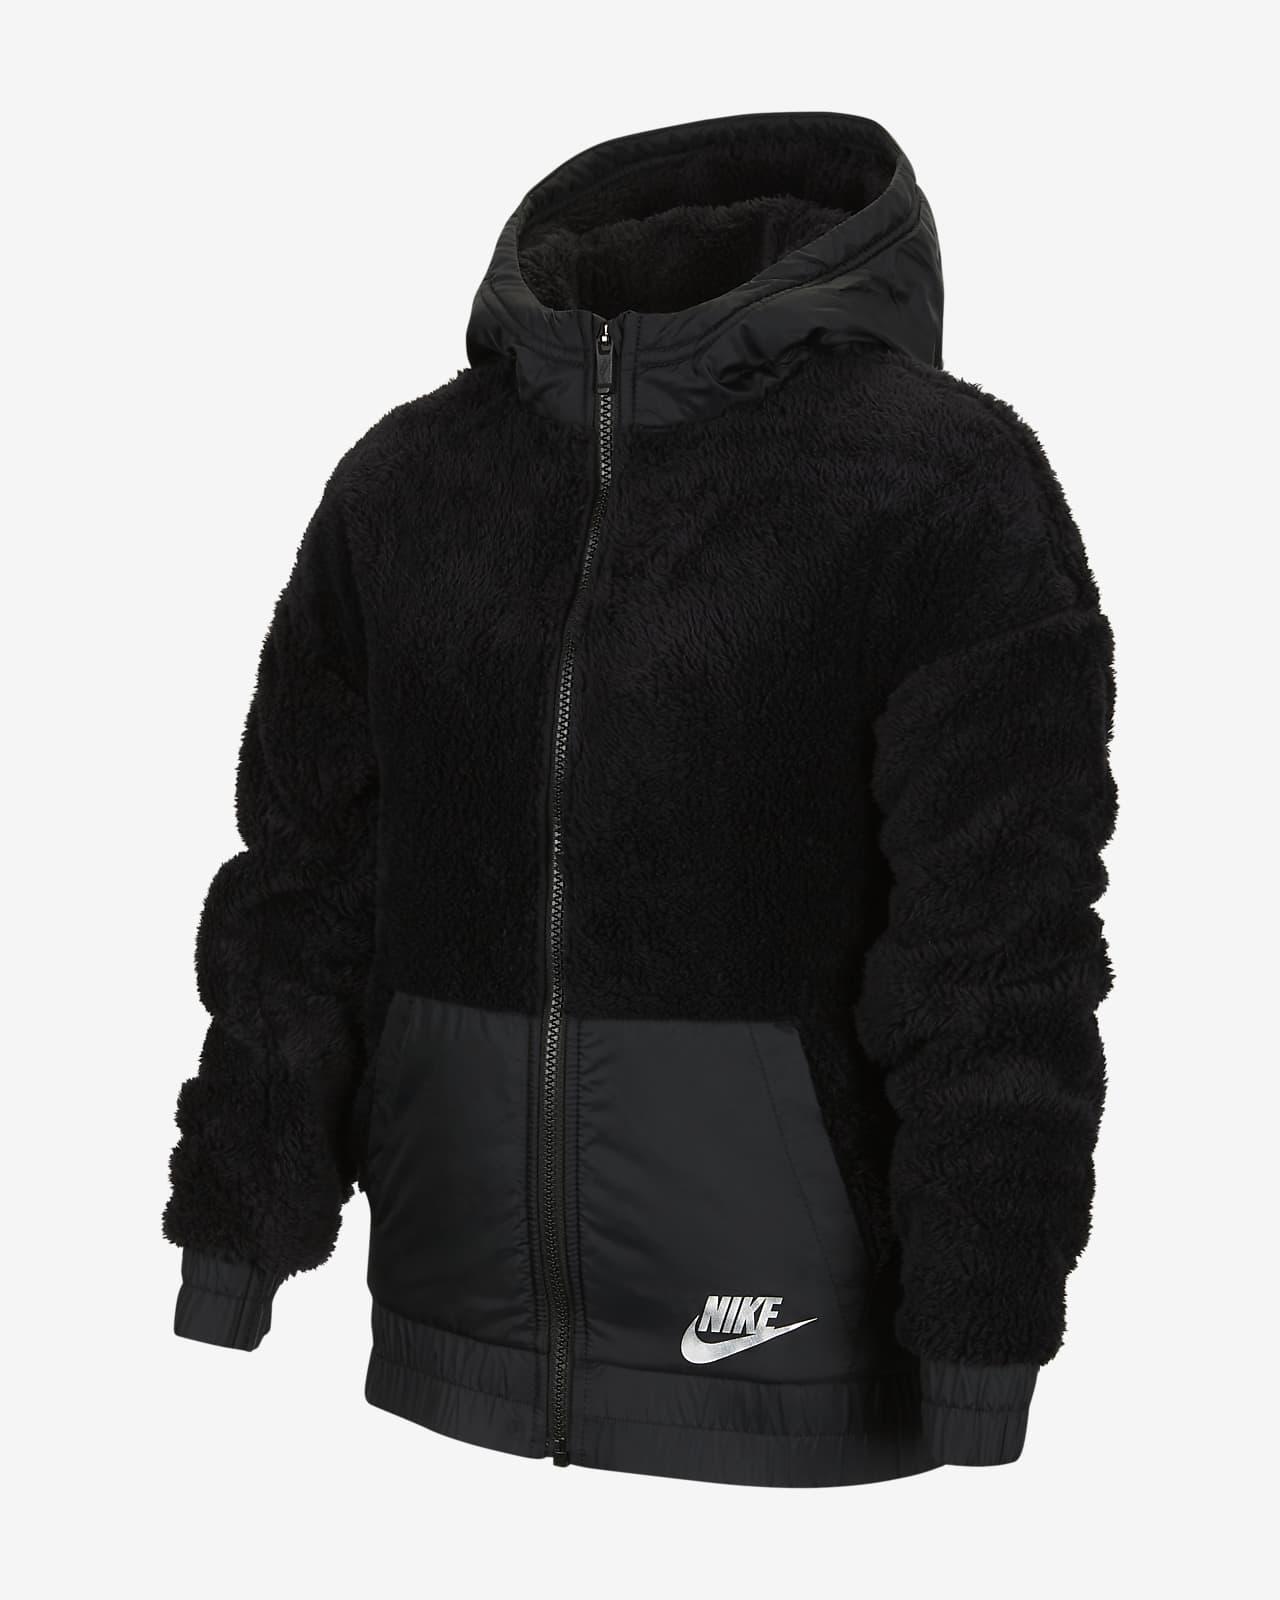 Nike Sportswear Big Kids' (Girls') Sherpa Jacket